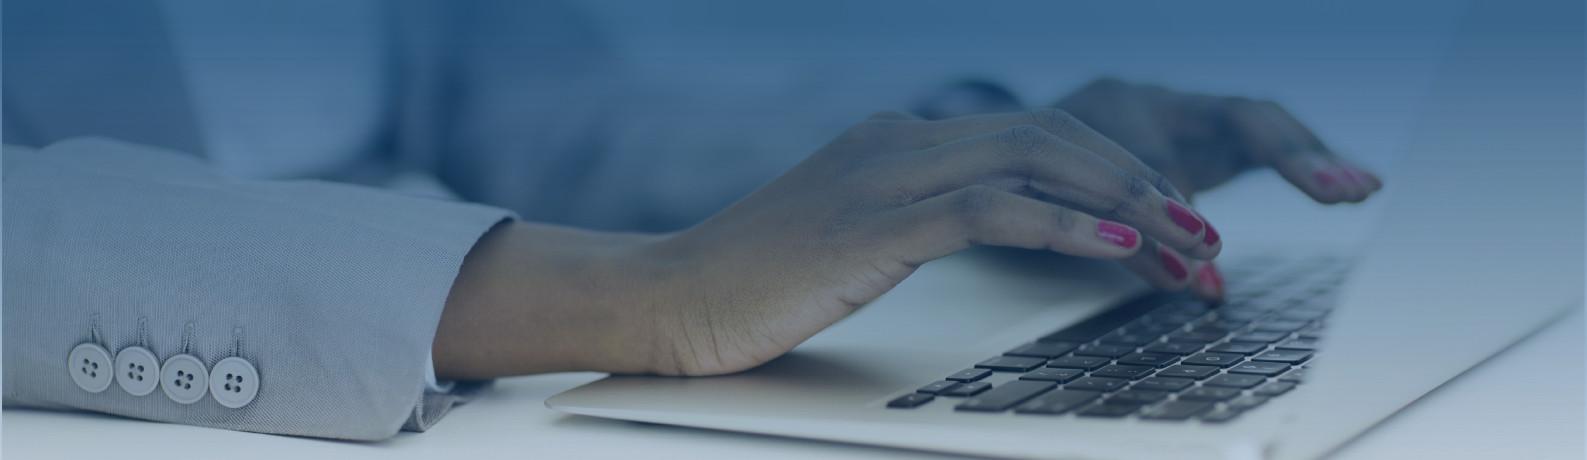 https://www.serpro.gov.br/menu/contato/cliente/duvidas-mais-frequentes/certificacao-digital/certificacao-digital